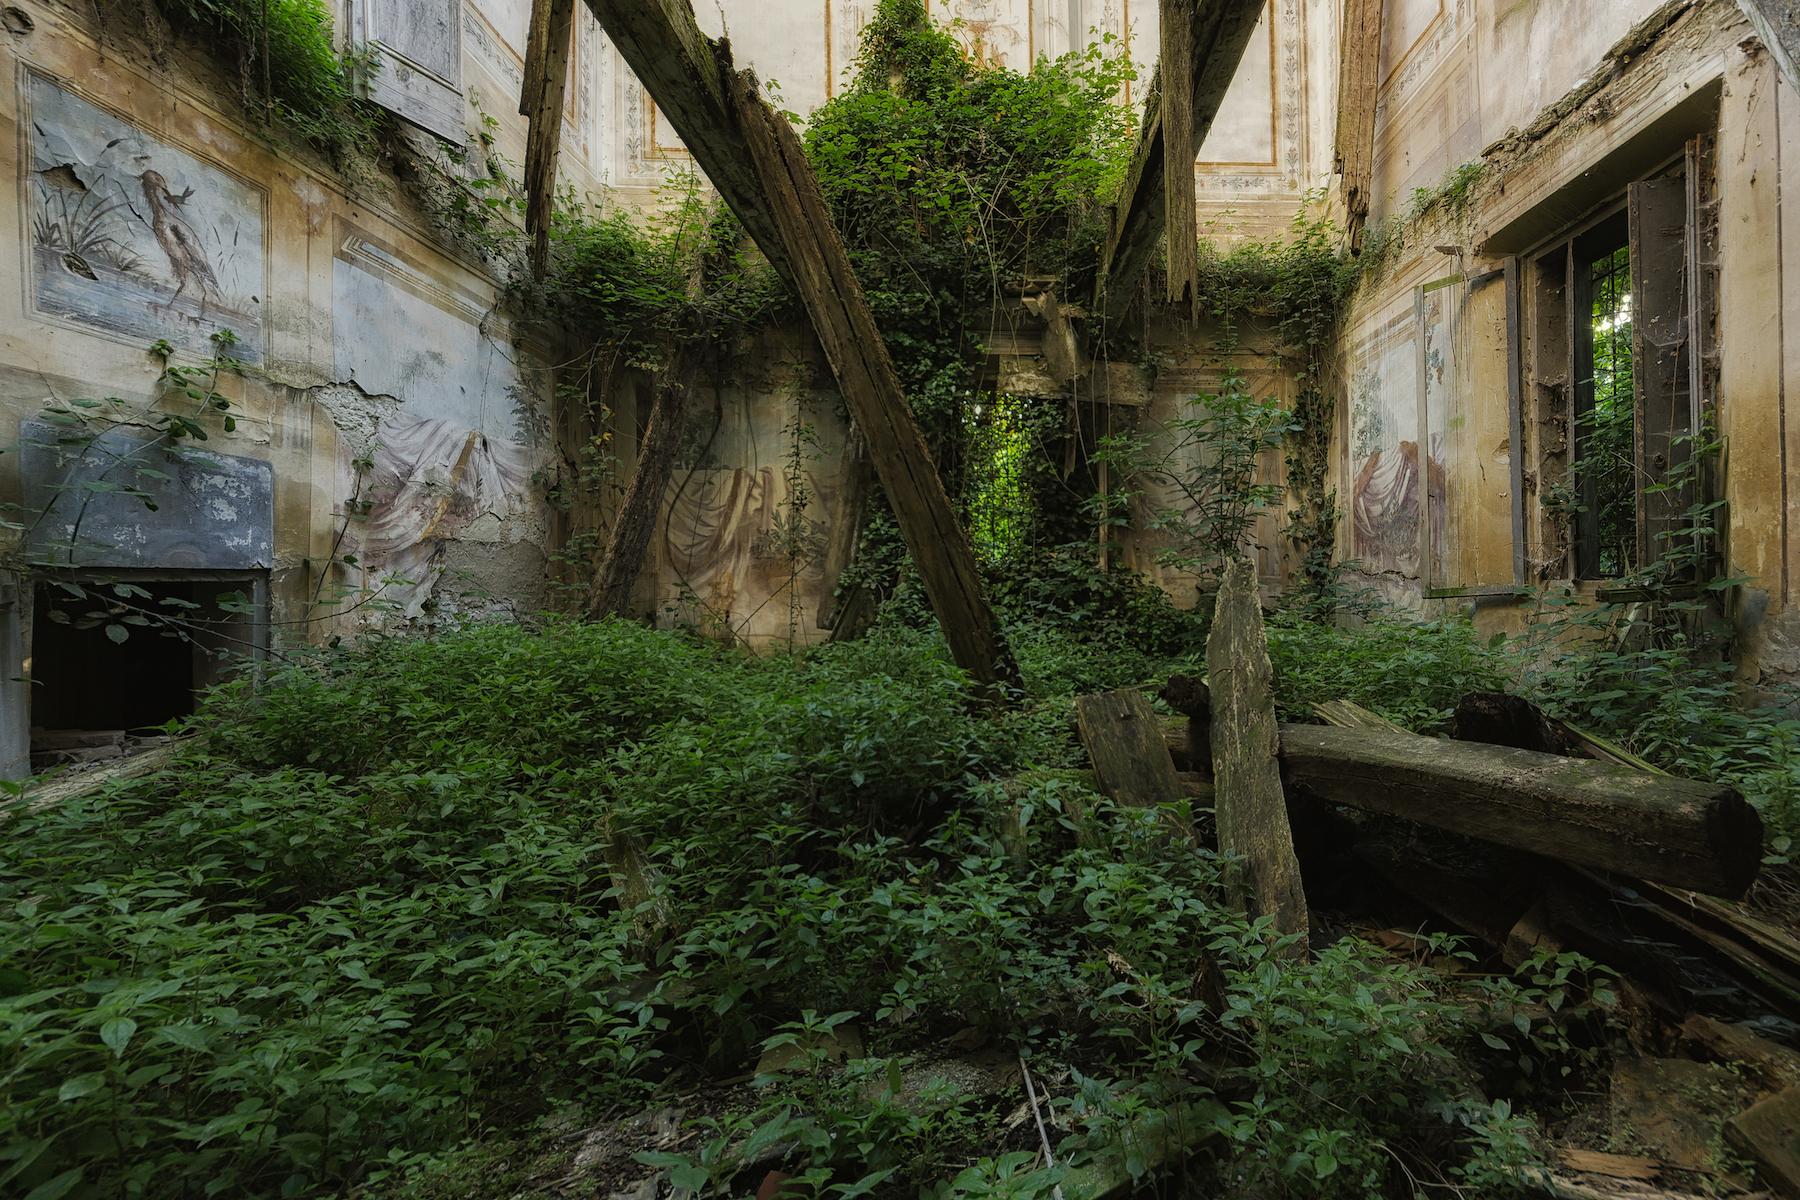 Lugares abandonados. Naturaleza ocupando una casa por Stefan Baumann